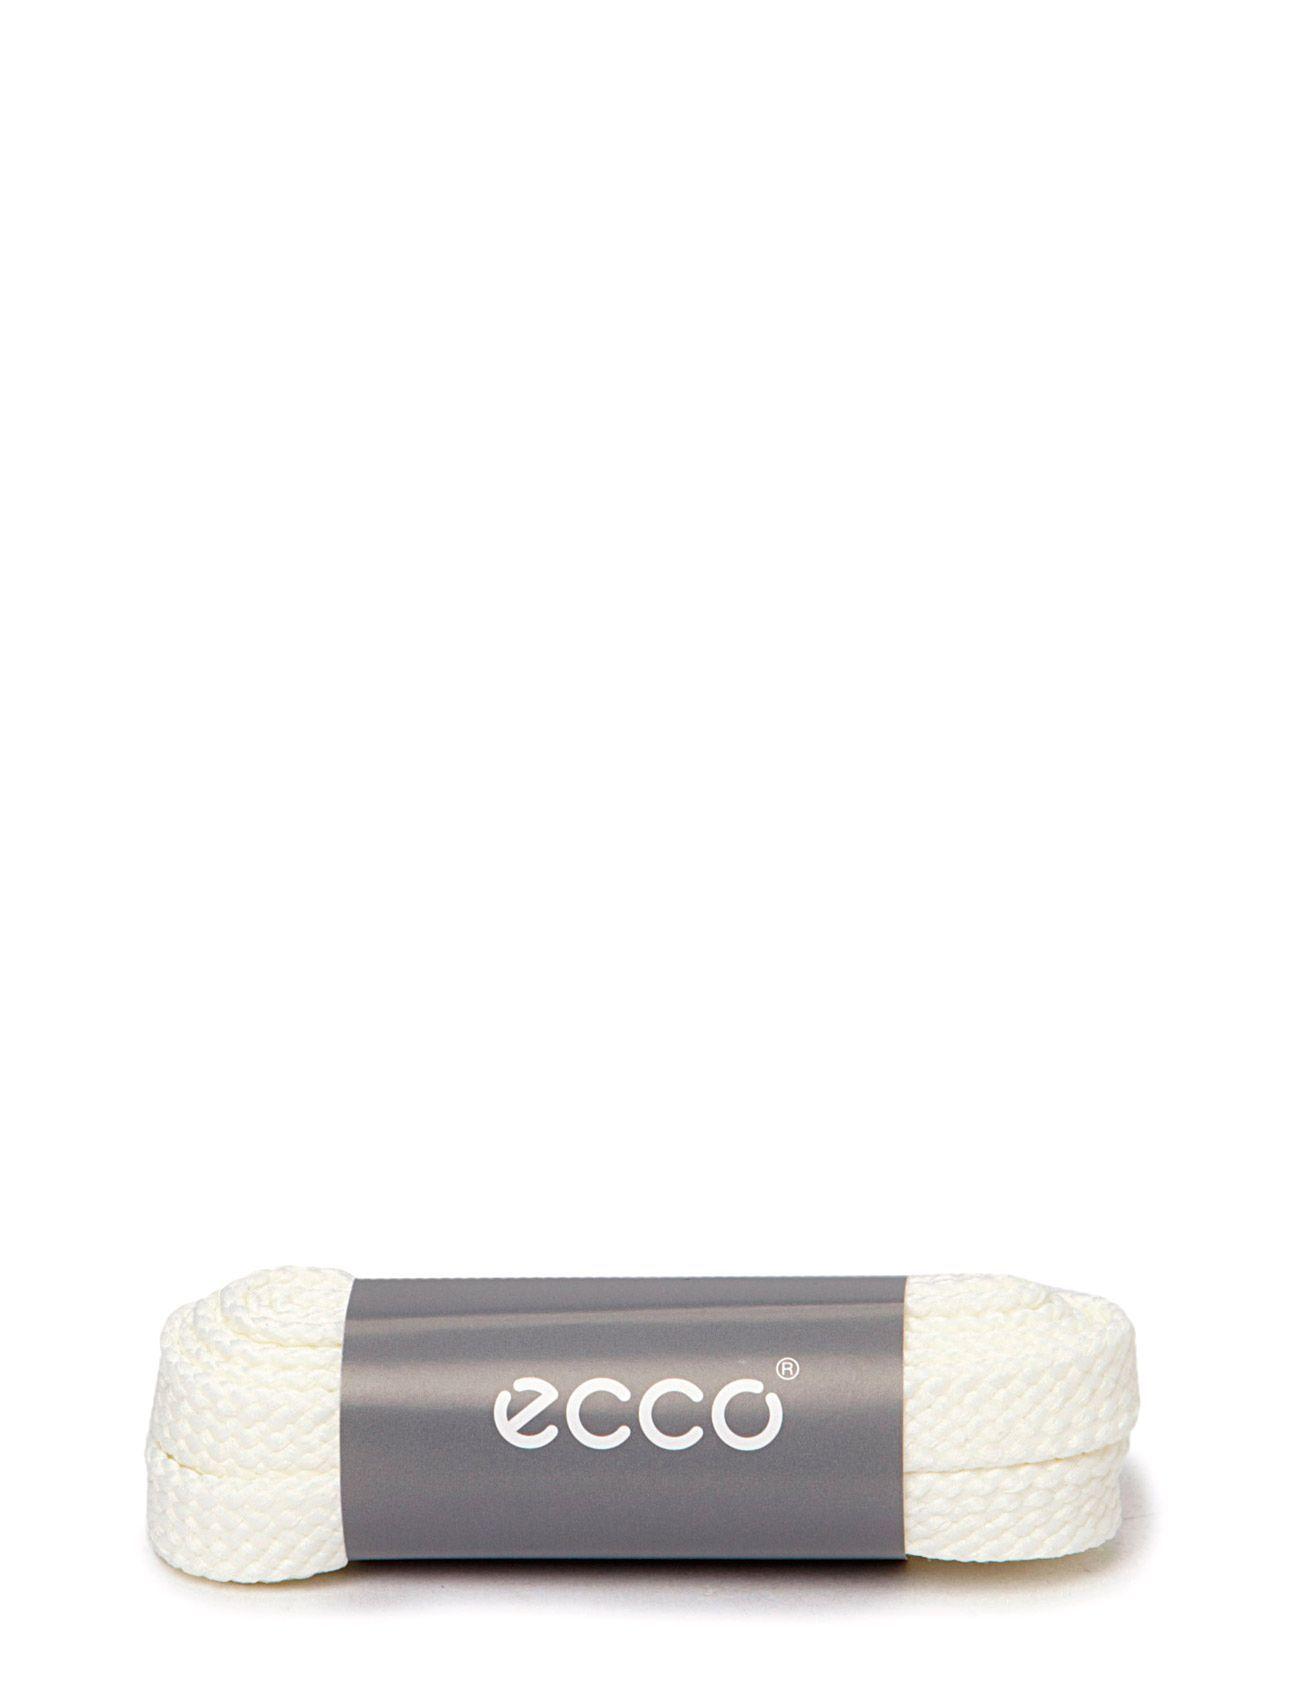 Mens Golf Street Lace ECCO Sko accessories til Mænd i hvid